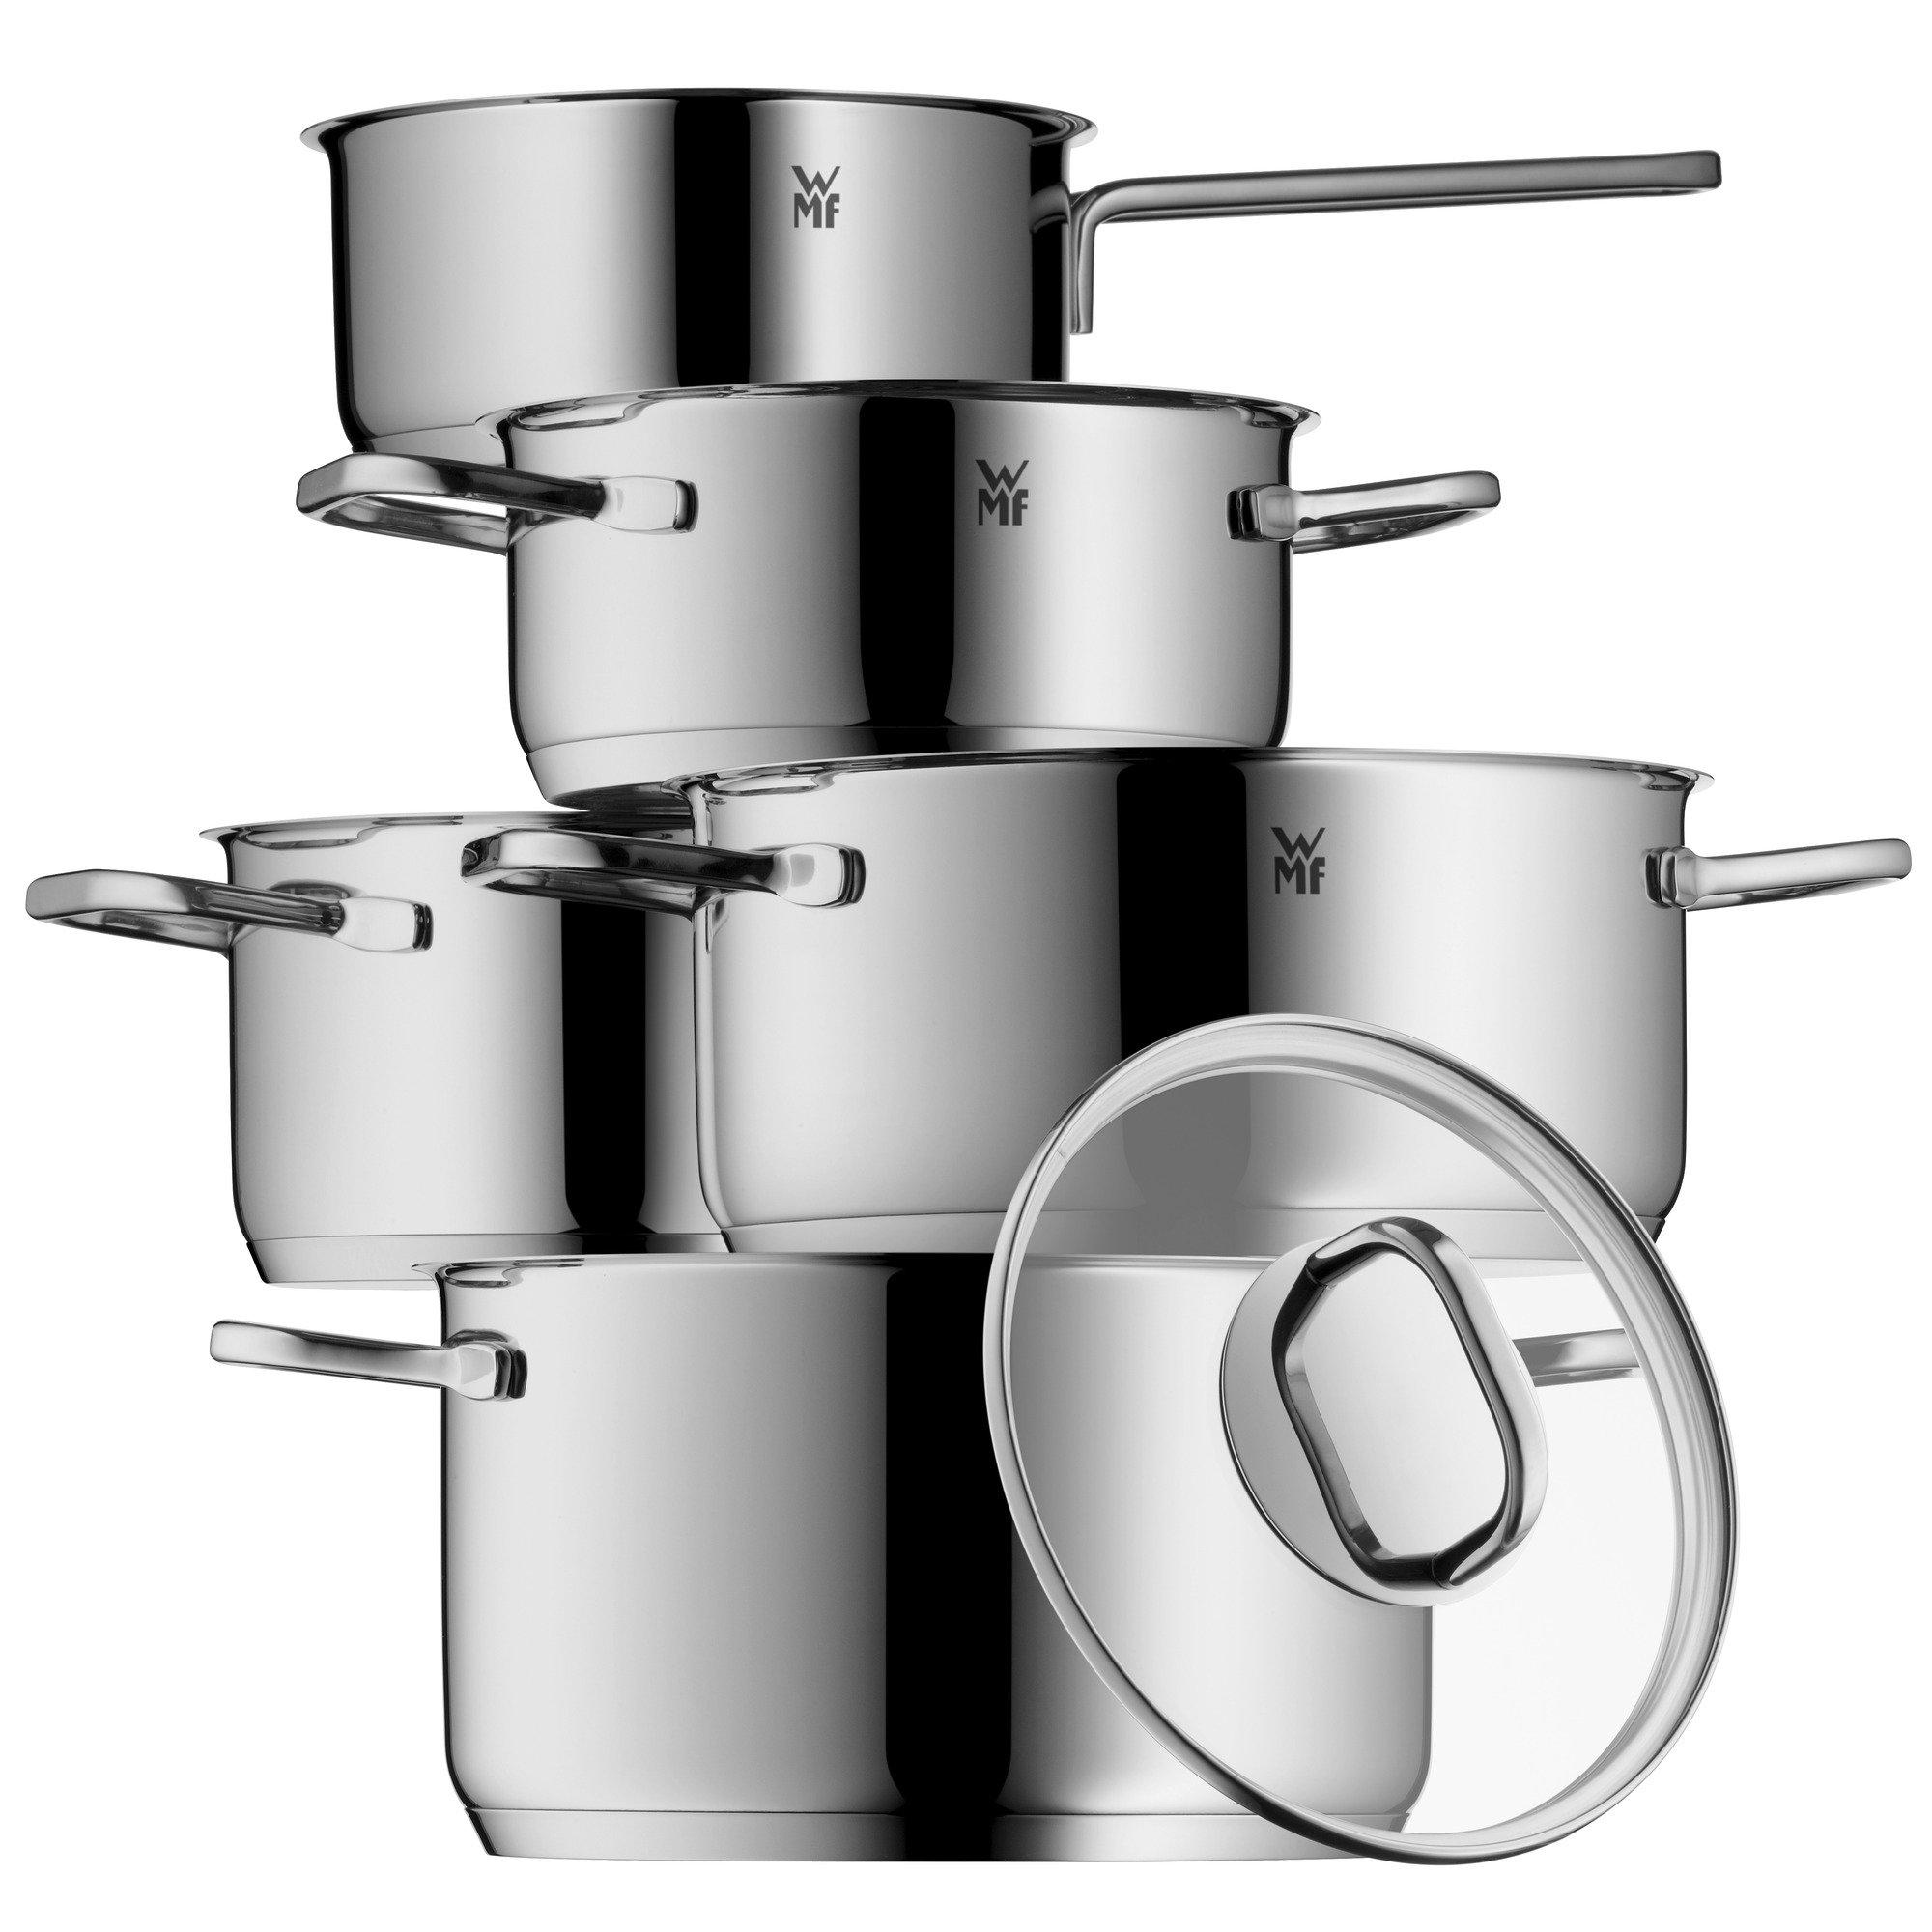 WMF Intension Batería De Cocina, Acero Inoxidable, Plata, 20 cm, 5 Unidades